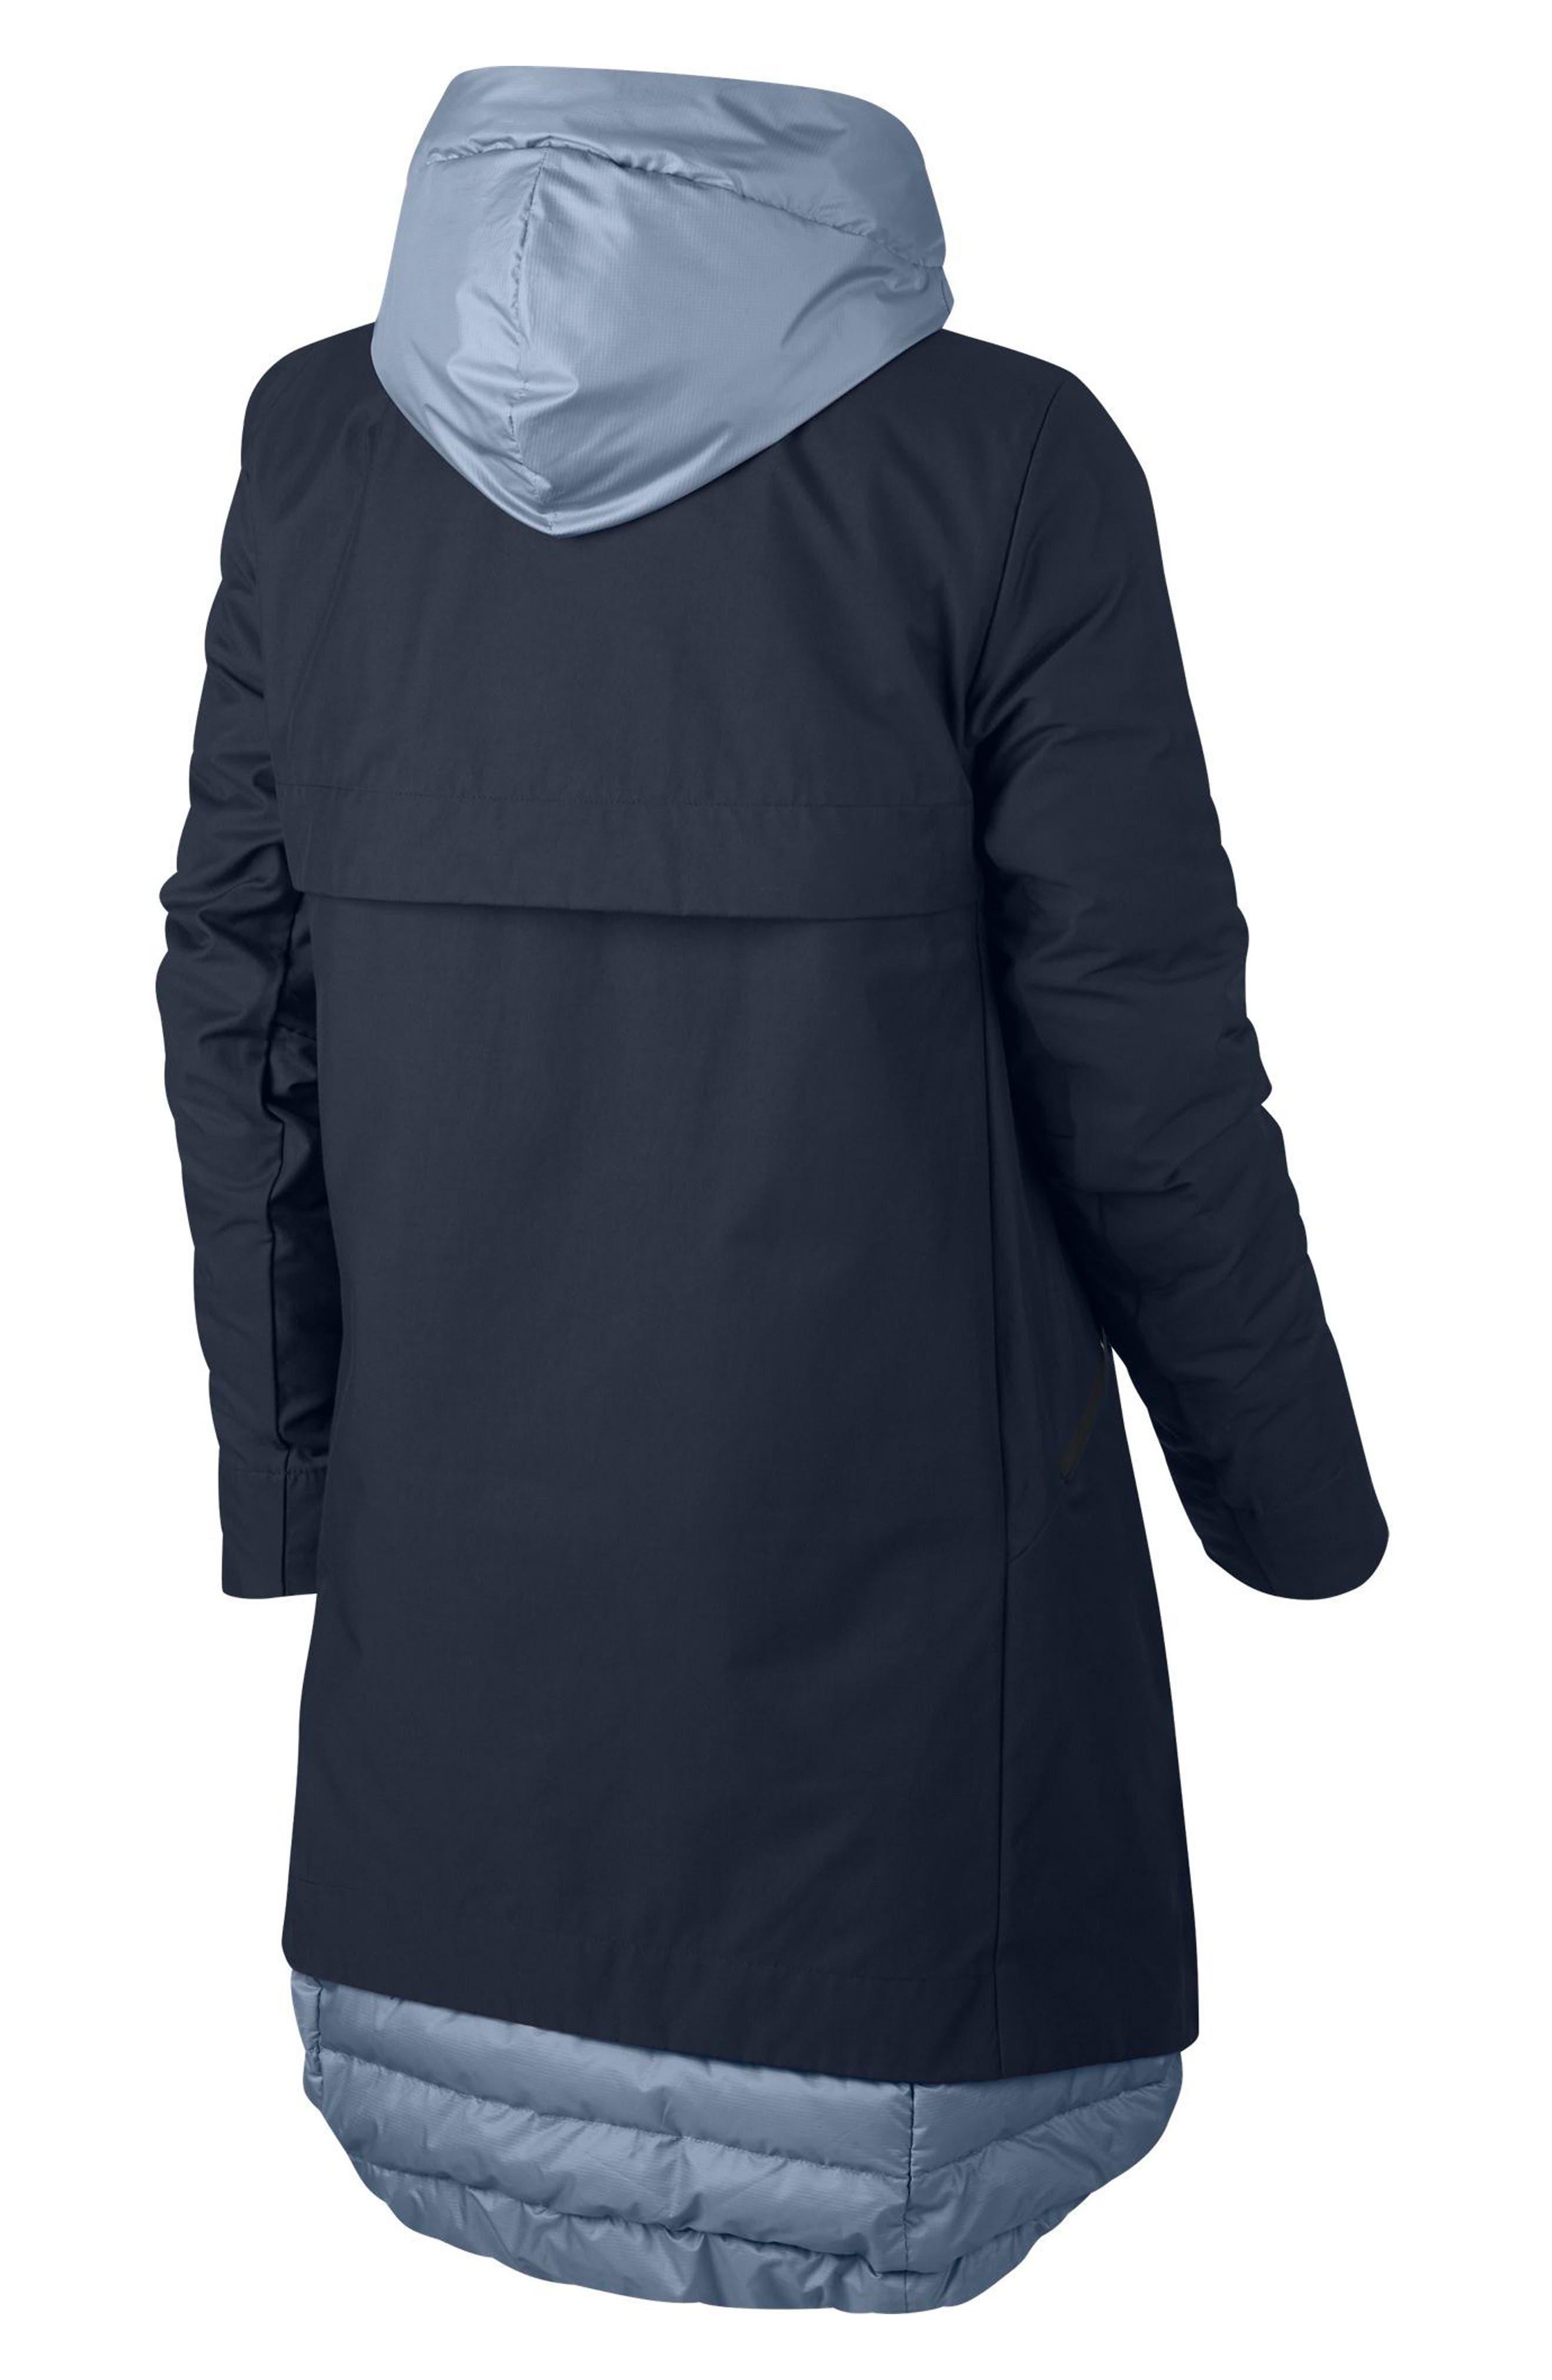 Sportswear Women's AeroLoft 3-in-1 Down Fill Parka,                             Alternate thumbnail 2, color,                             OBSIDIAN/ GLACIER GREY/ BLACK